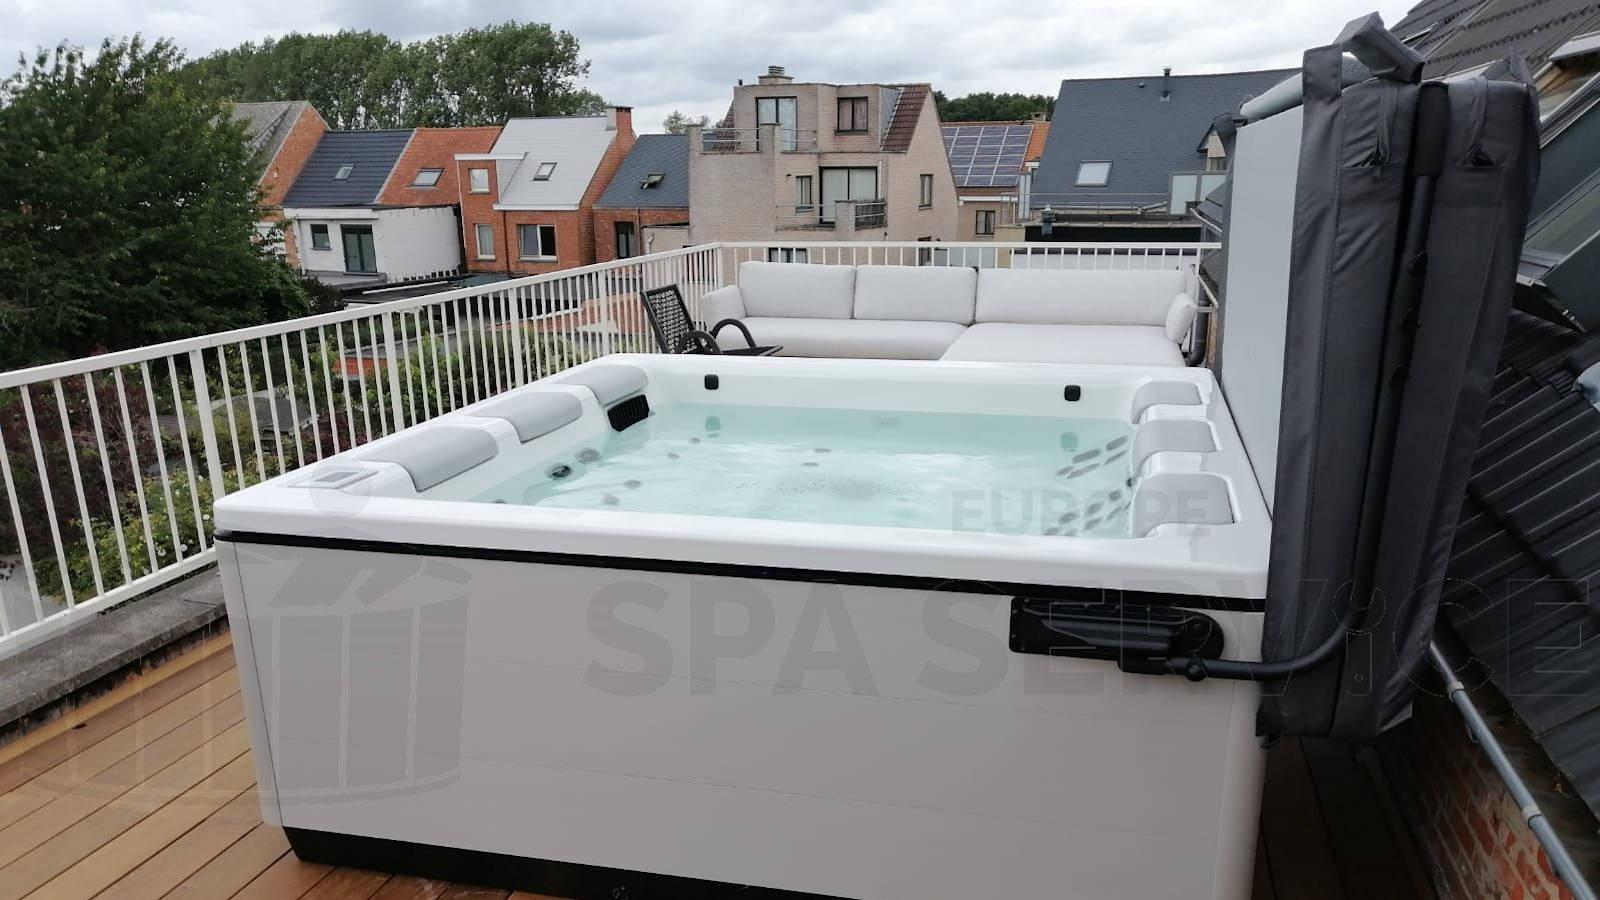 Kraanplaatsing van en Villeroy & Boch Just Silence spa op een dakterras in Schelle België